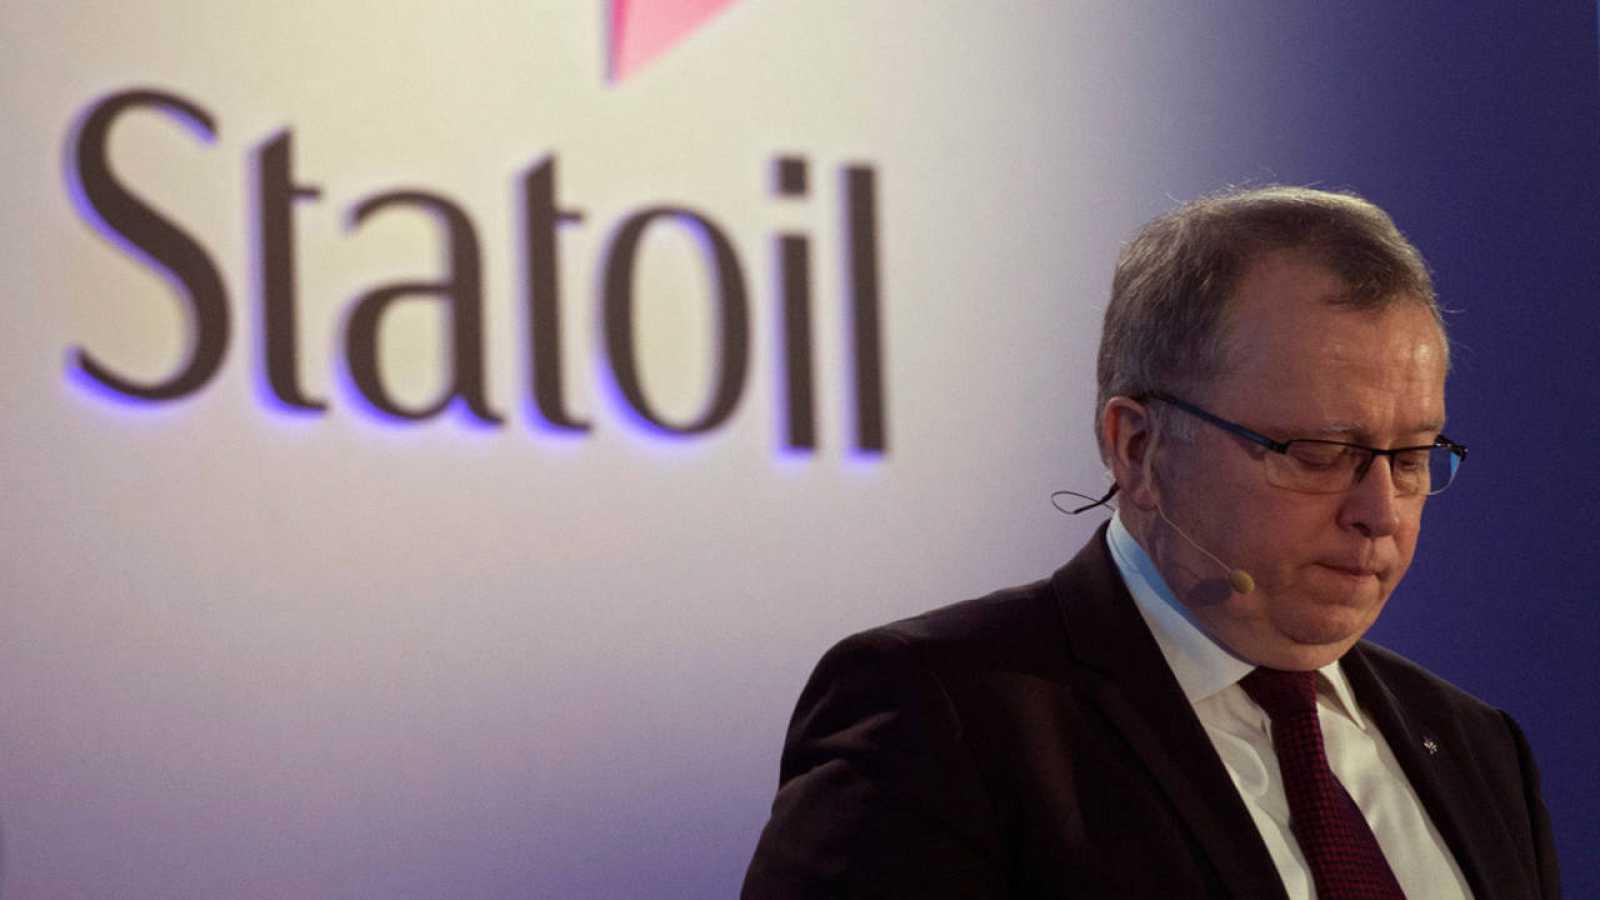 El director ejecutivo de Statoil, Eldar Sætre, presenta los resultados de la empresa en Londres